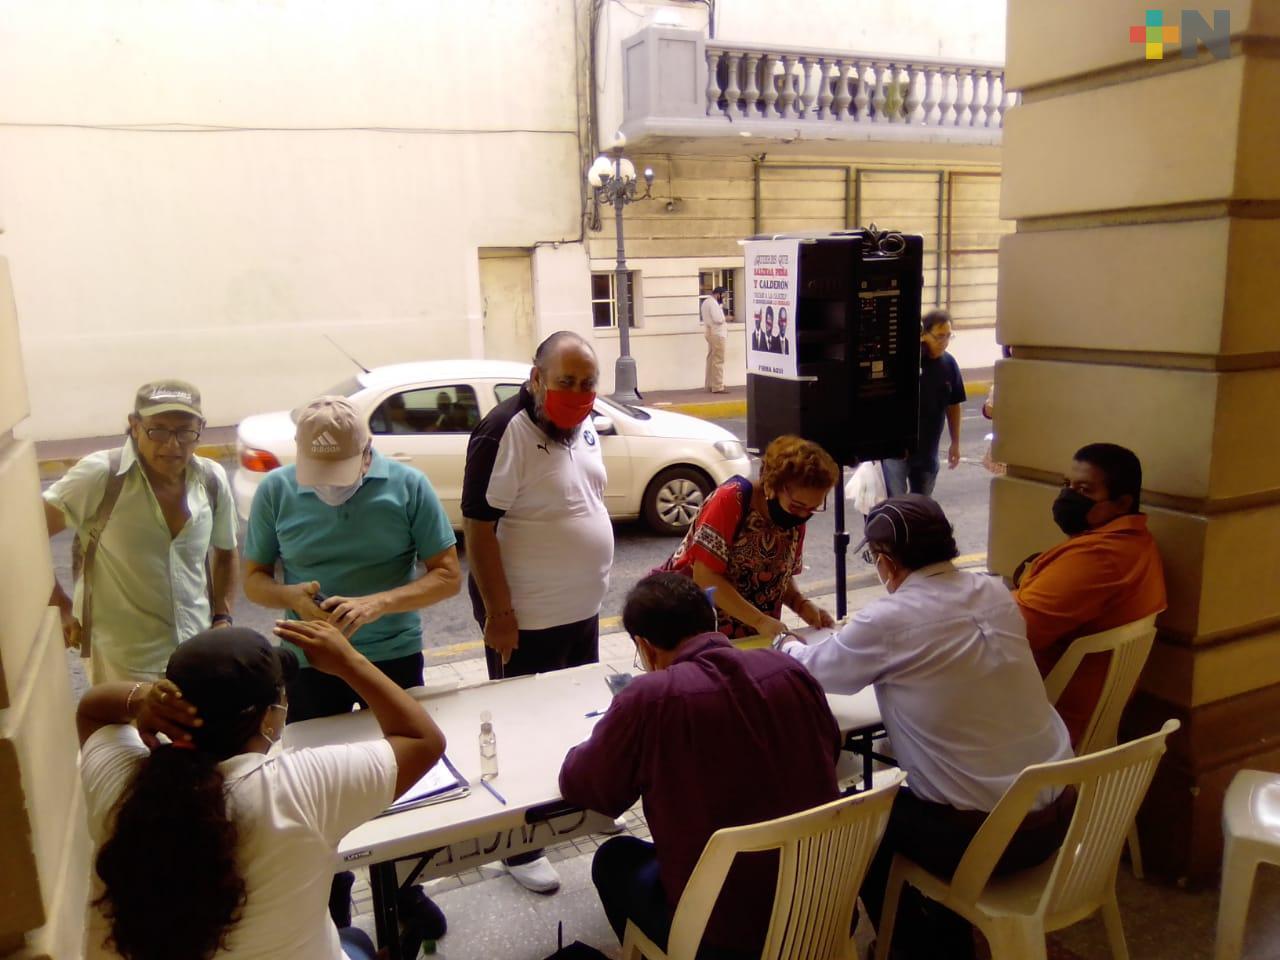 En la ciudad de Veracruz planean instalar hasta 8 mesas para reunir firmas y enjuiciar a expresidentes